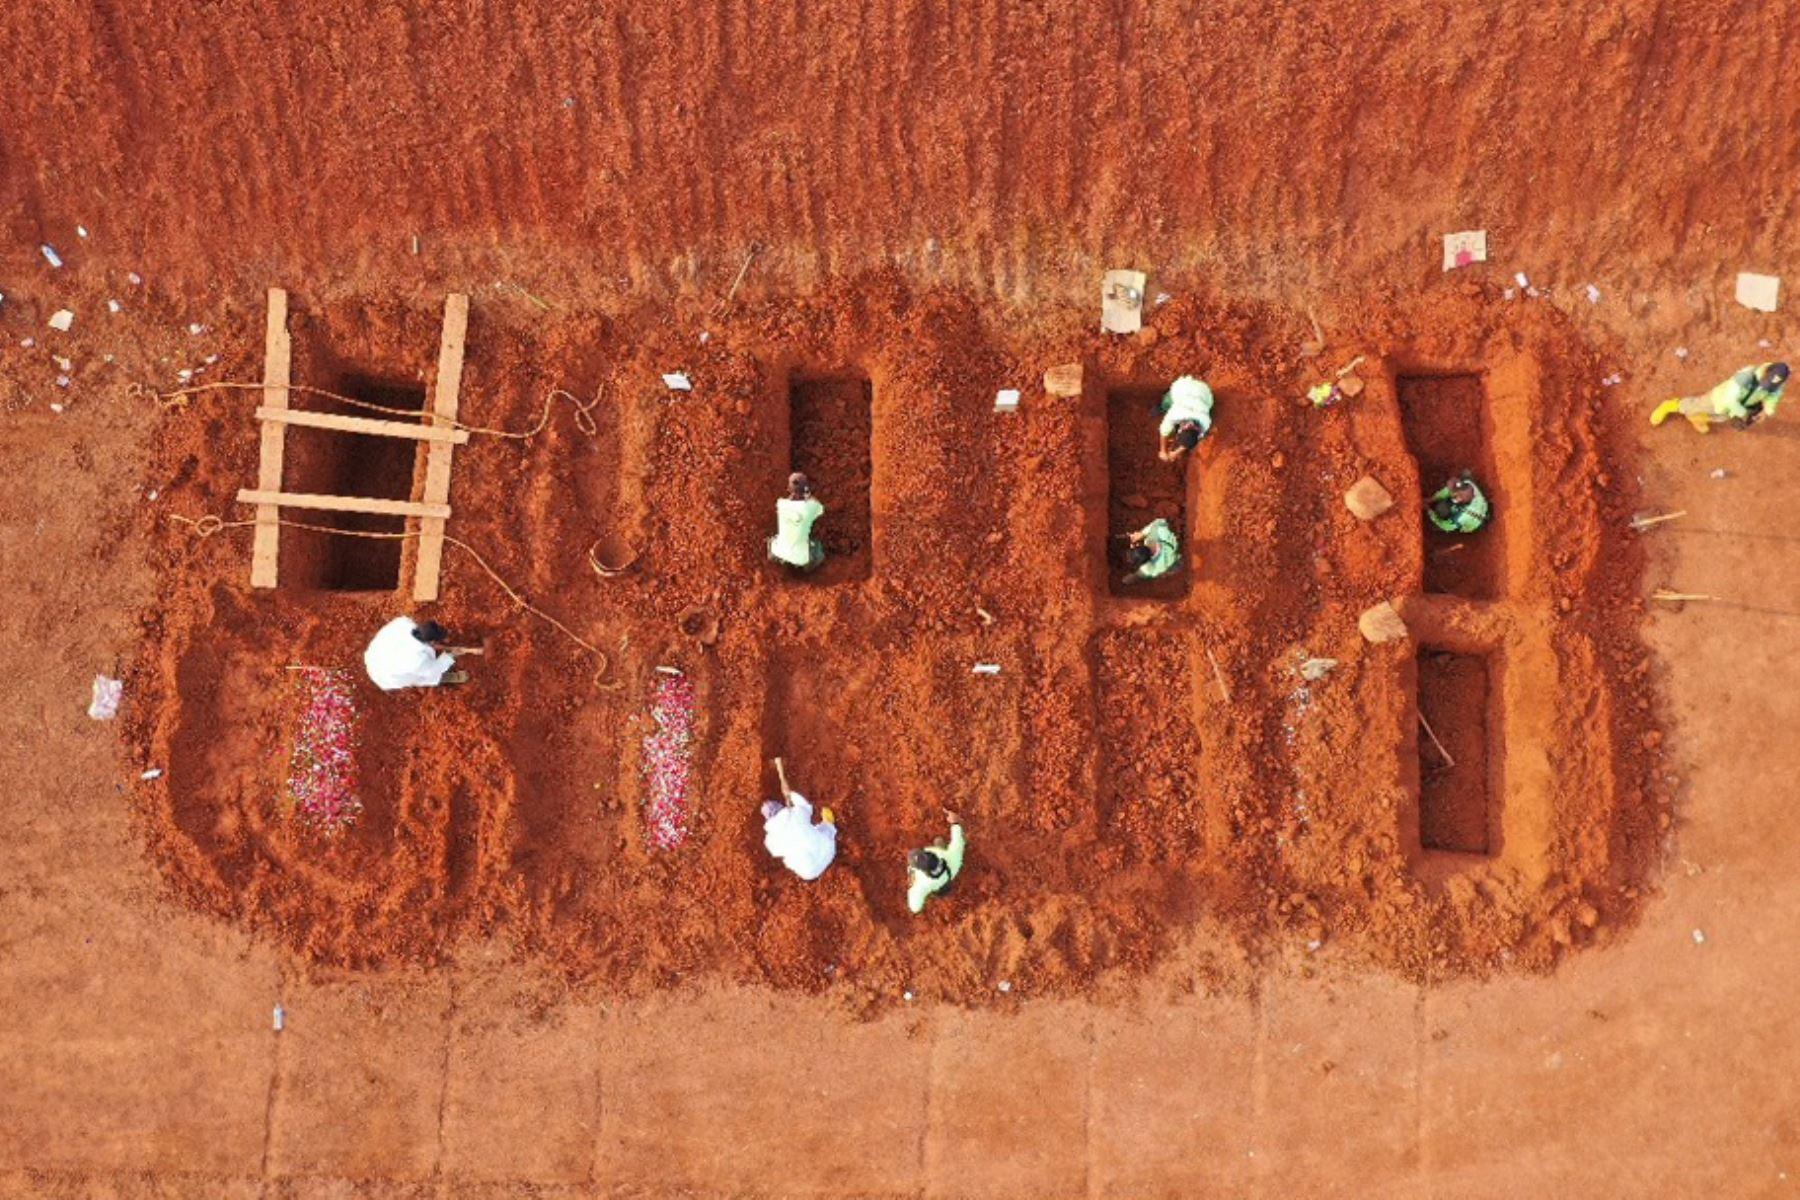 Algunos tienen que pasar castigos más escatológicos como 21 personas que tuvieron que limpiar el cementerio el pasado 25 de junio y otras 8 que fueron puestas a cavar tumbas el pasado 9 de septiembre. Foto: AFP